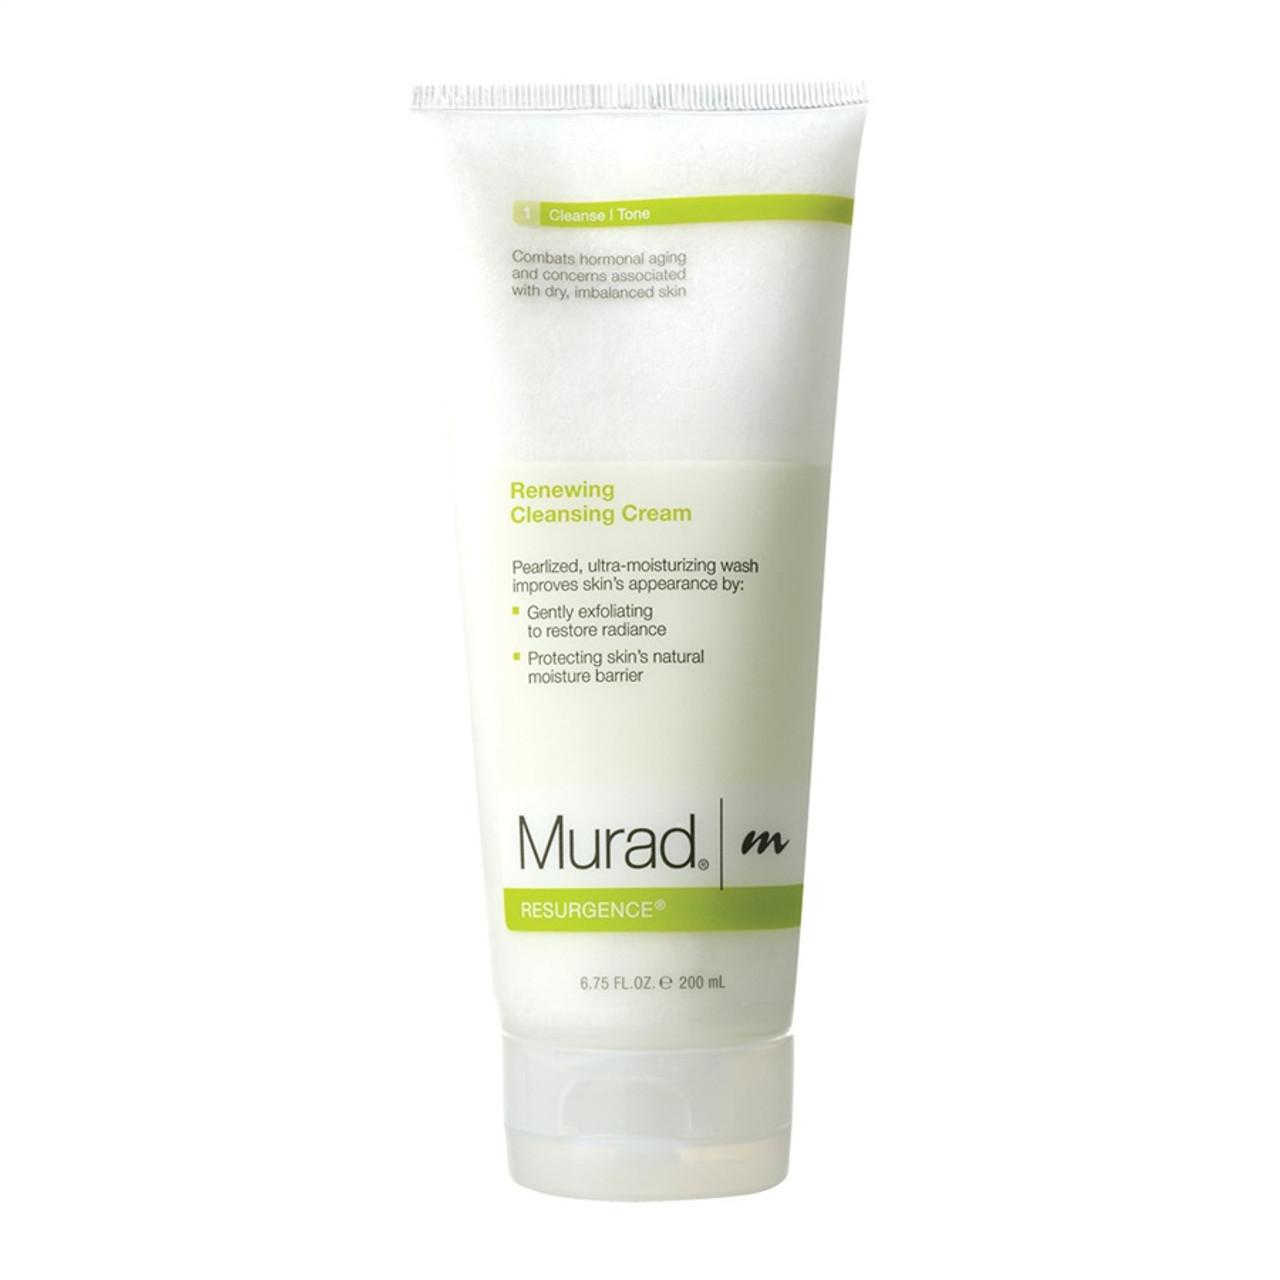 Murad Renewing Cleansing Cream 6.75 oz